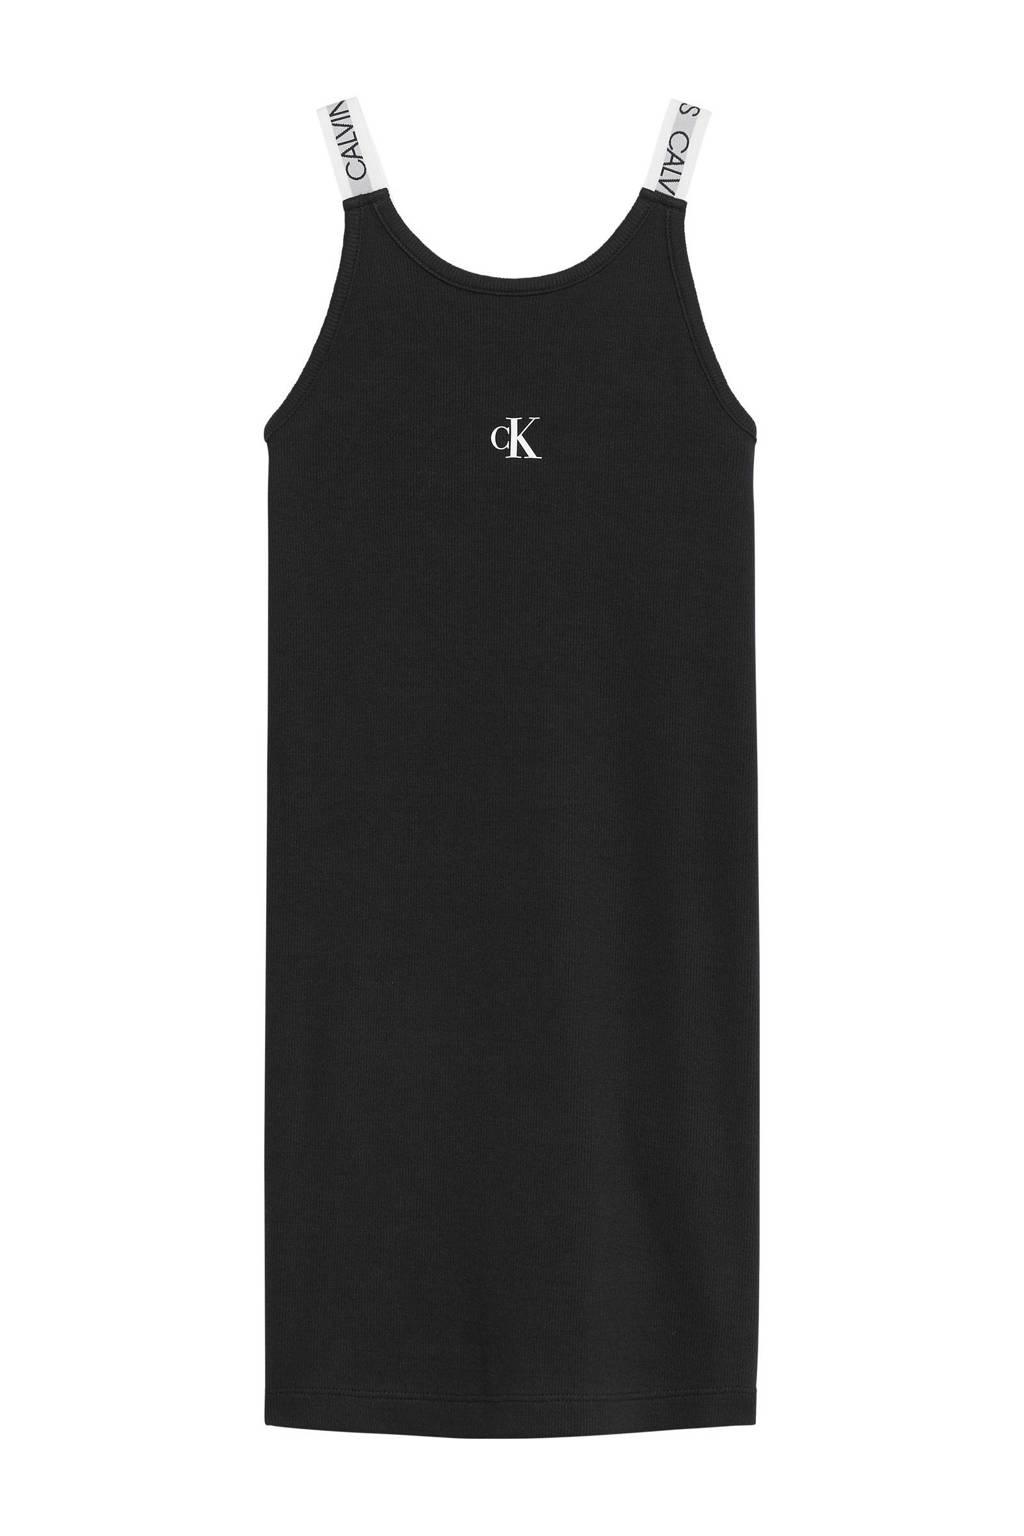 CALVIN KLEIN JEANS jurk met biologisch katoen zwart/wit, Zwart/wit